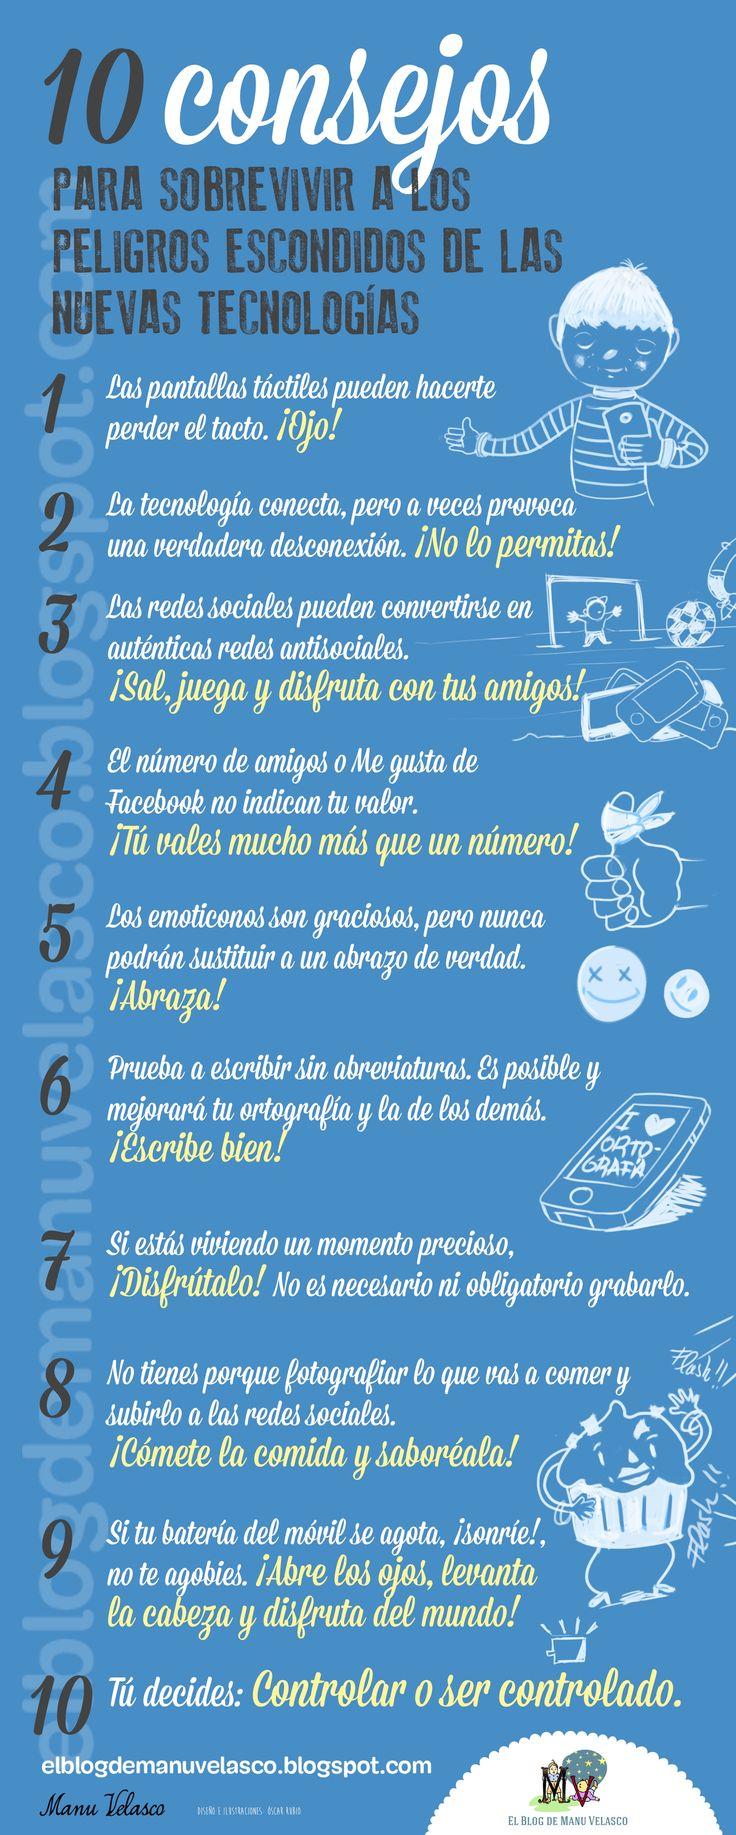 10 consejos para sobrevivir a los peligros escondidos de las nuevas tecnologías. Podéis leer el artículo y descargar el cartel en http://elblogdemanuvelasco.blogspot.com.es/2014/10/10-consejos-para-sobrevivir-los.html